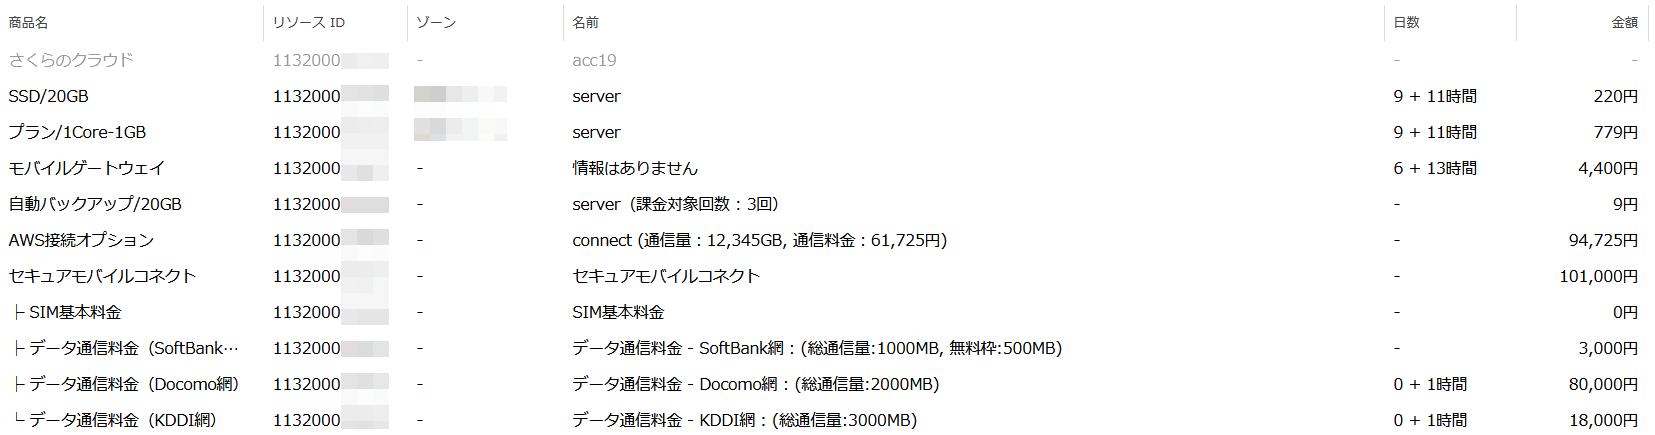 9/17~ 請求明細のコントロールパネル表示・API応答形式リニューアルのお知らせ